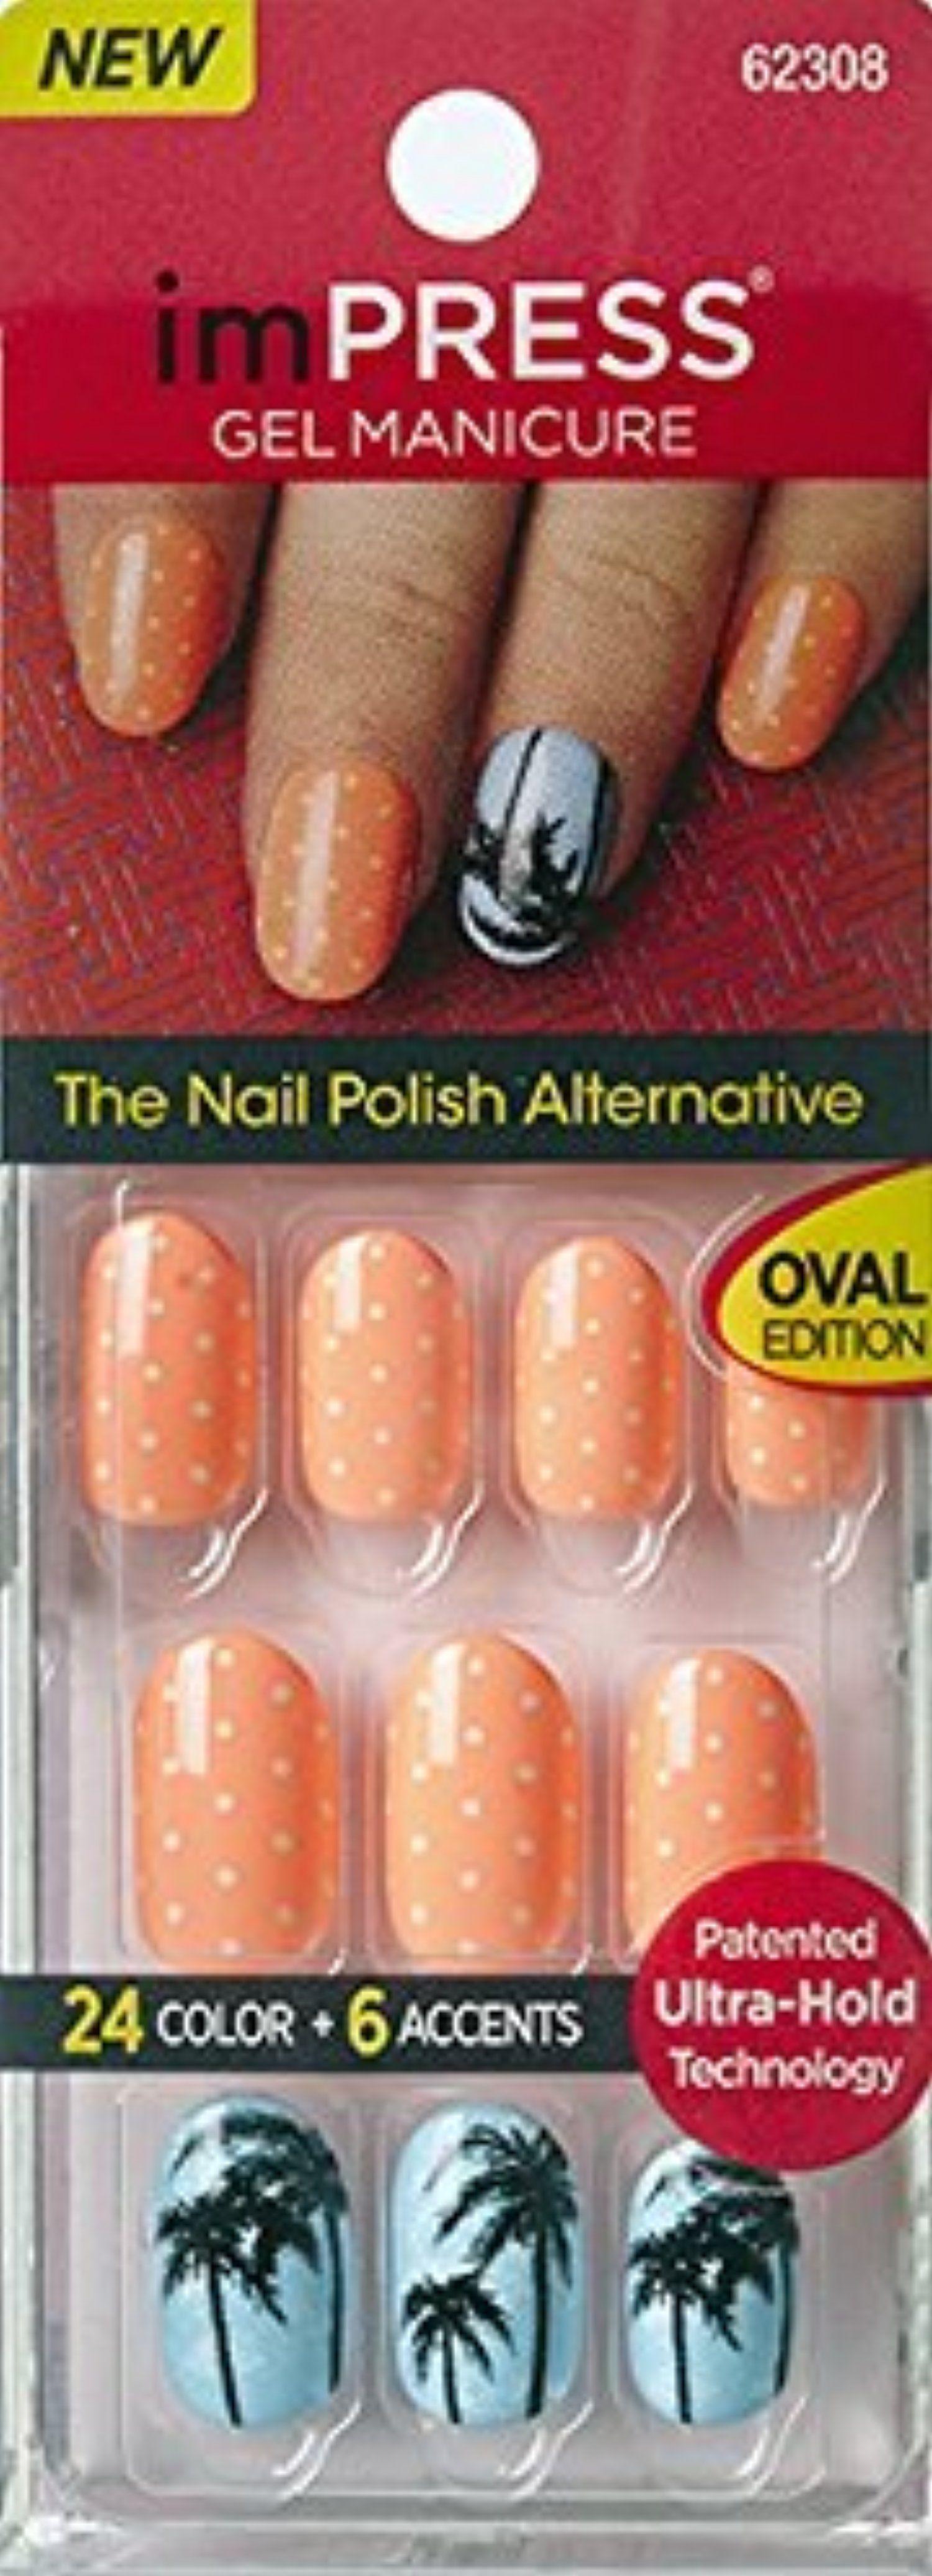 Impress press on manicure nails my style pinterest - New Kiss Impress Oval Nails Next Wave By Broadway Press On Manicure Nails By Broadway